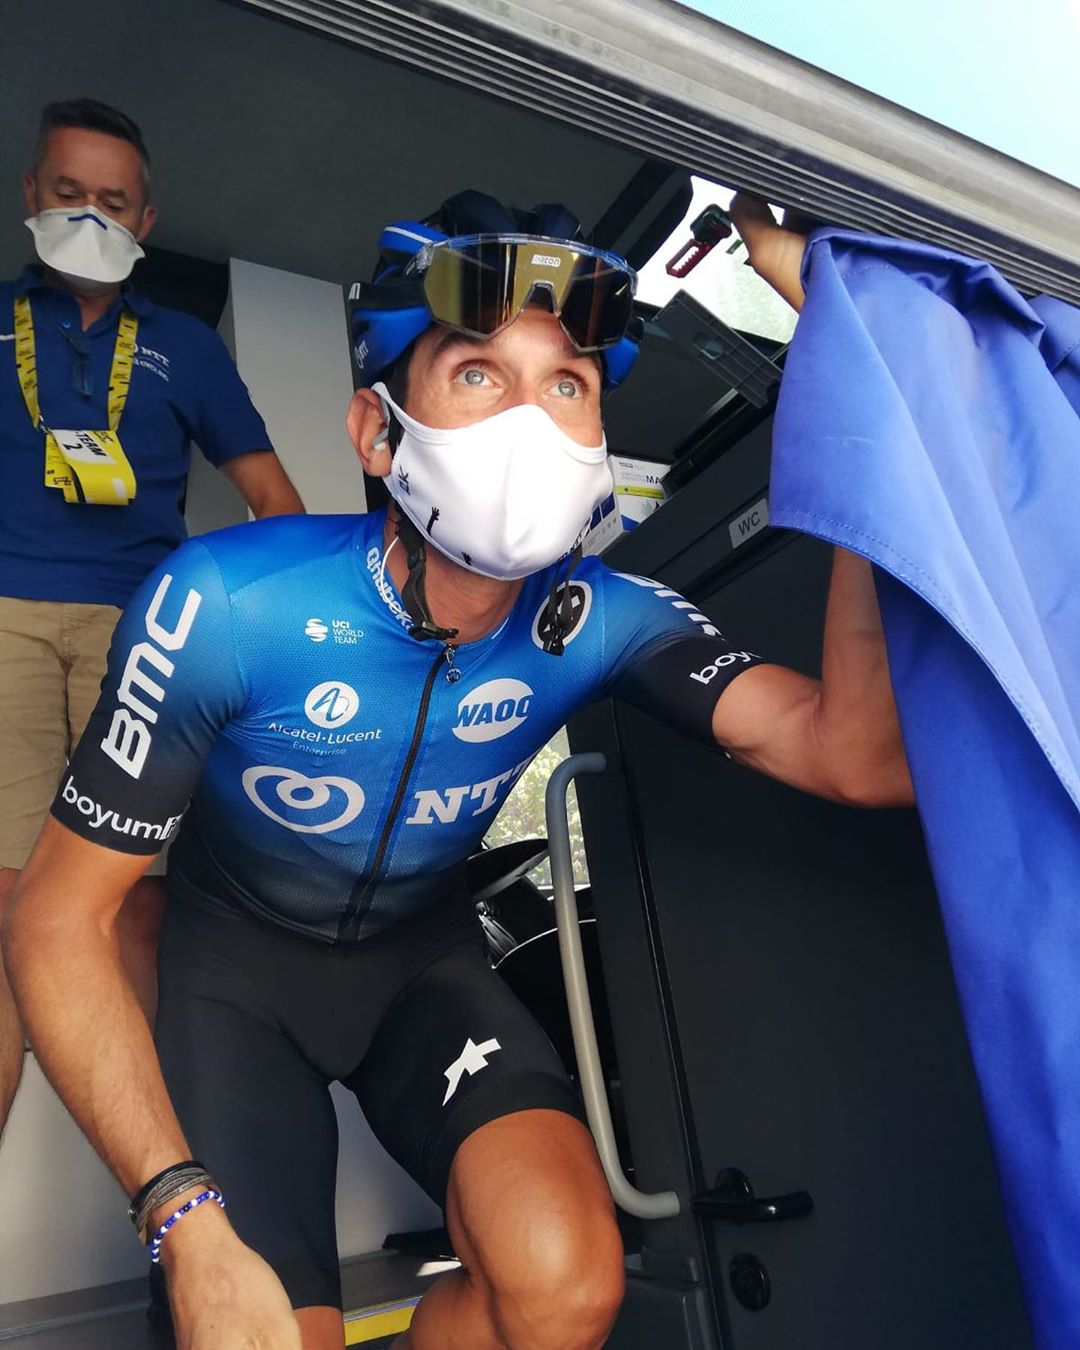 Roman Kreuziger hledí optimisticky k etapám druhého a třetího týdne Tour de France 2020. Foto: instagram